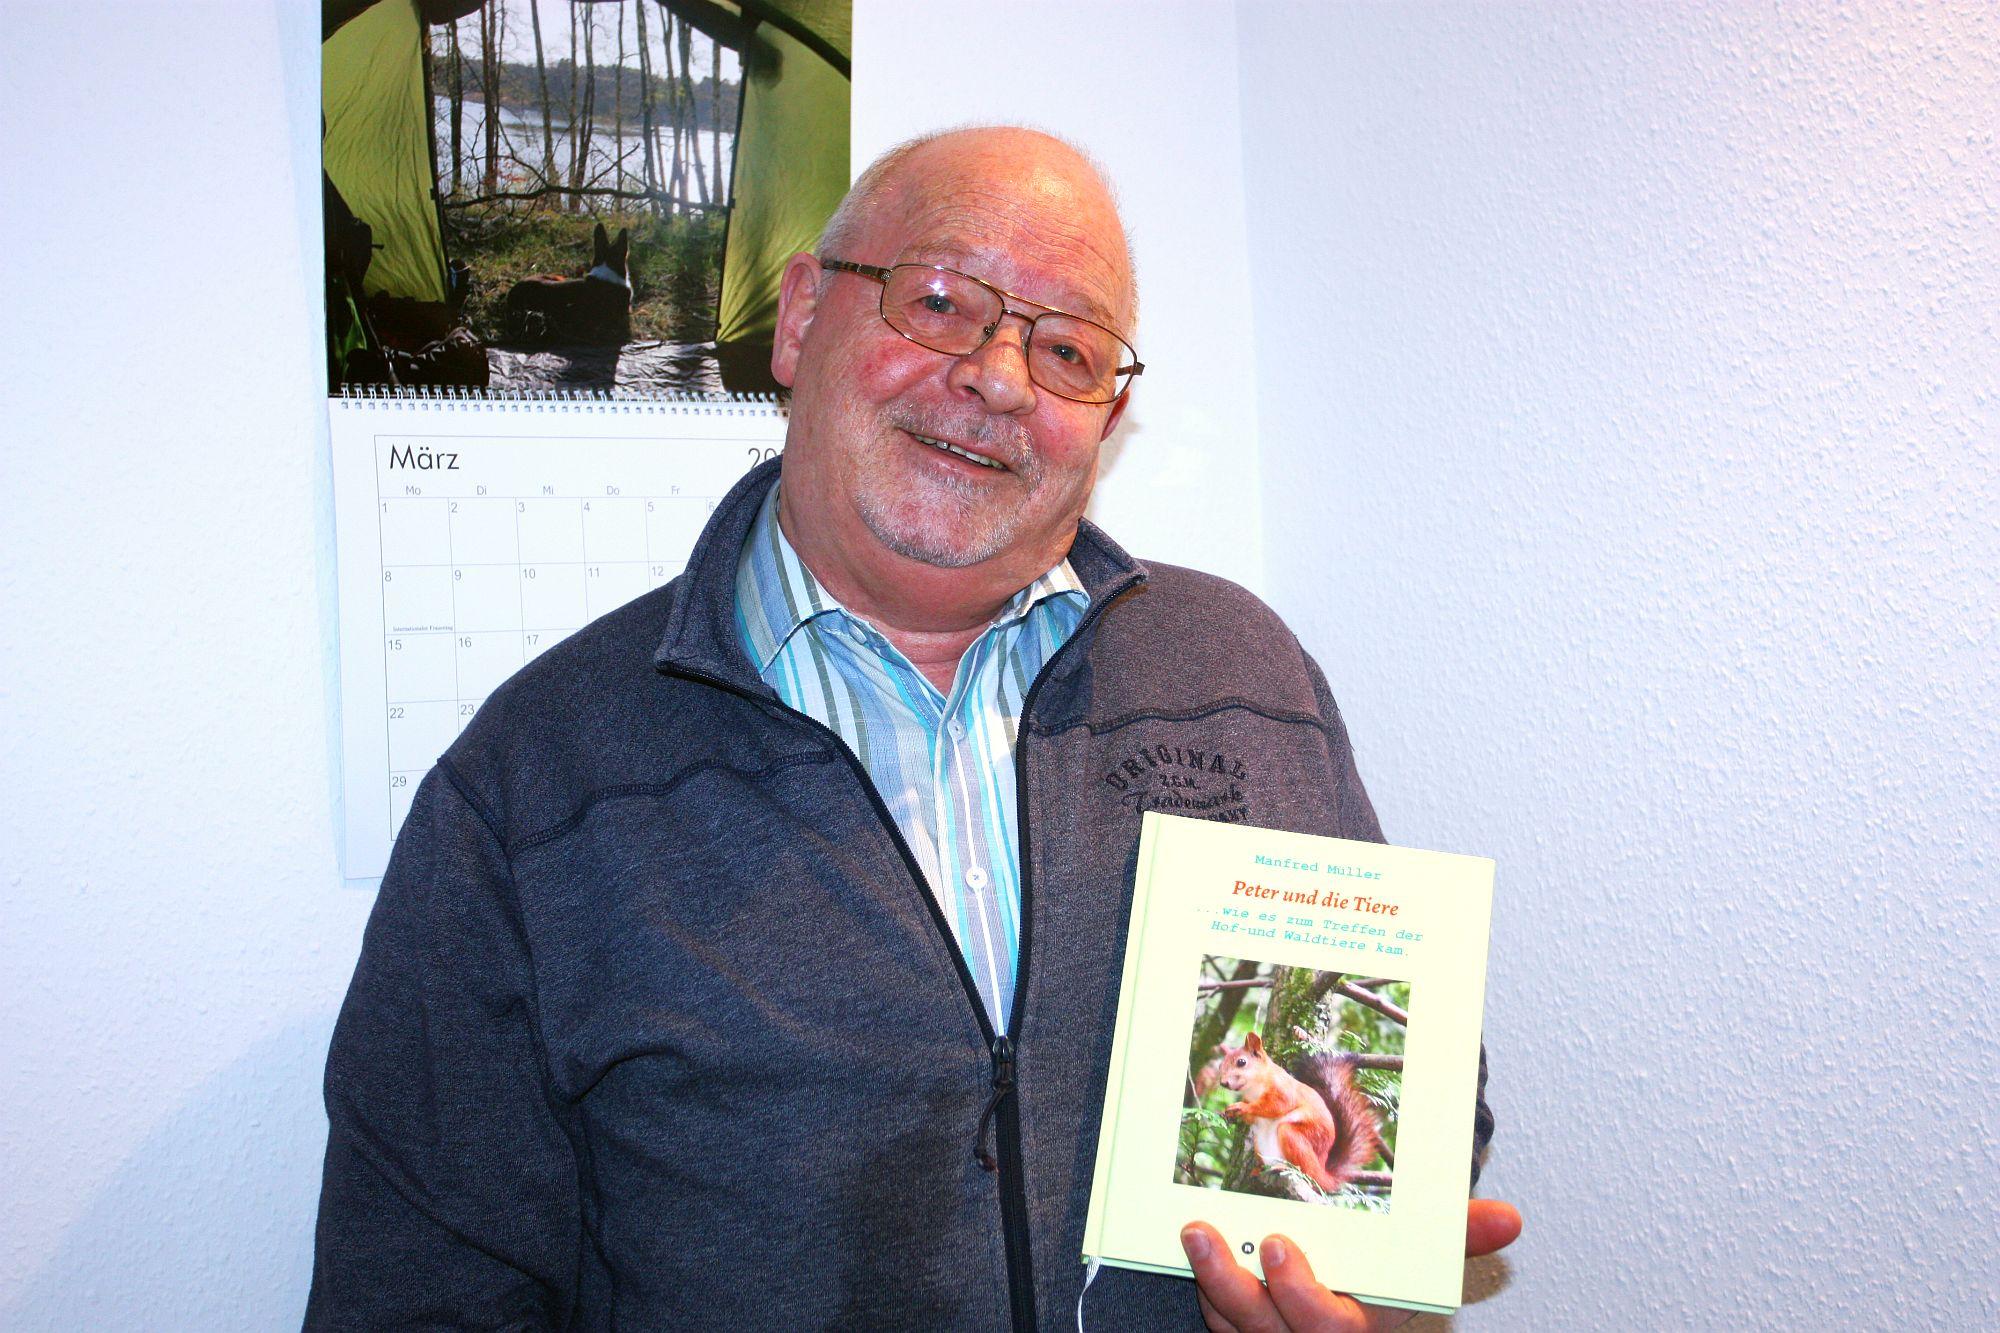 Manfred Müller und sein Vorlesebuch (Foto: G. Schreckenberg)